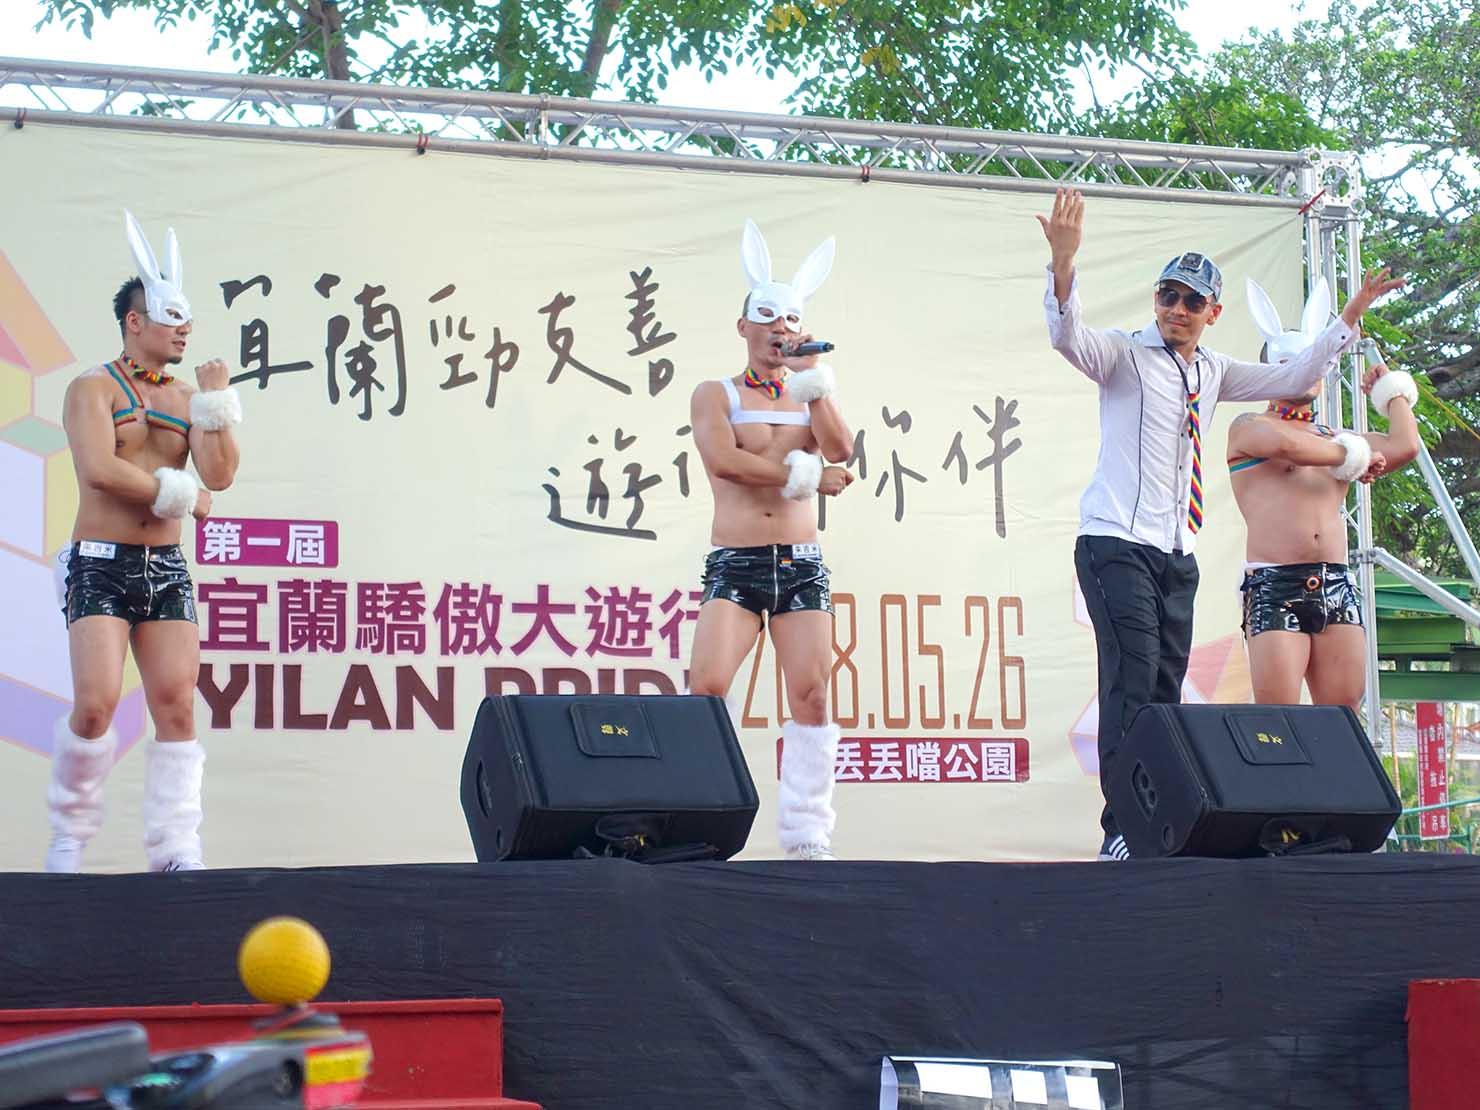 2018年台湾のLGBTプライド「宜蘭驕傲大遊行(宜蘭プライド)」のステージパフォーマンス